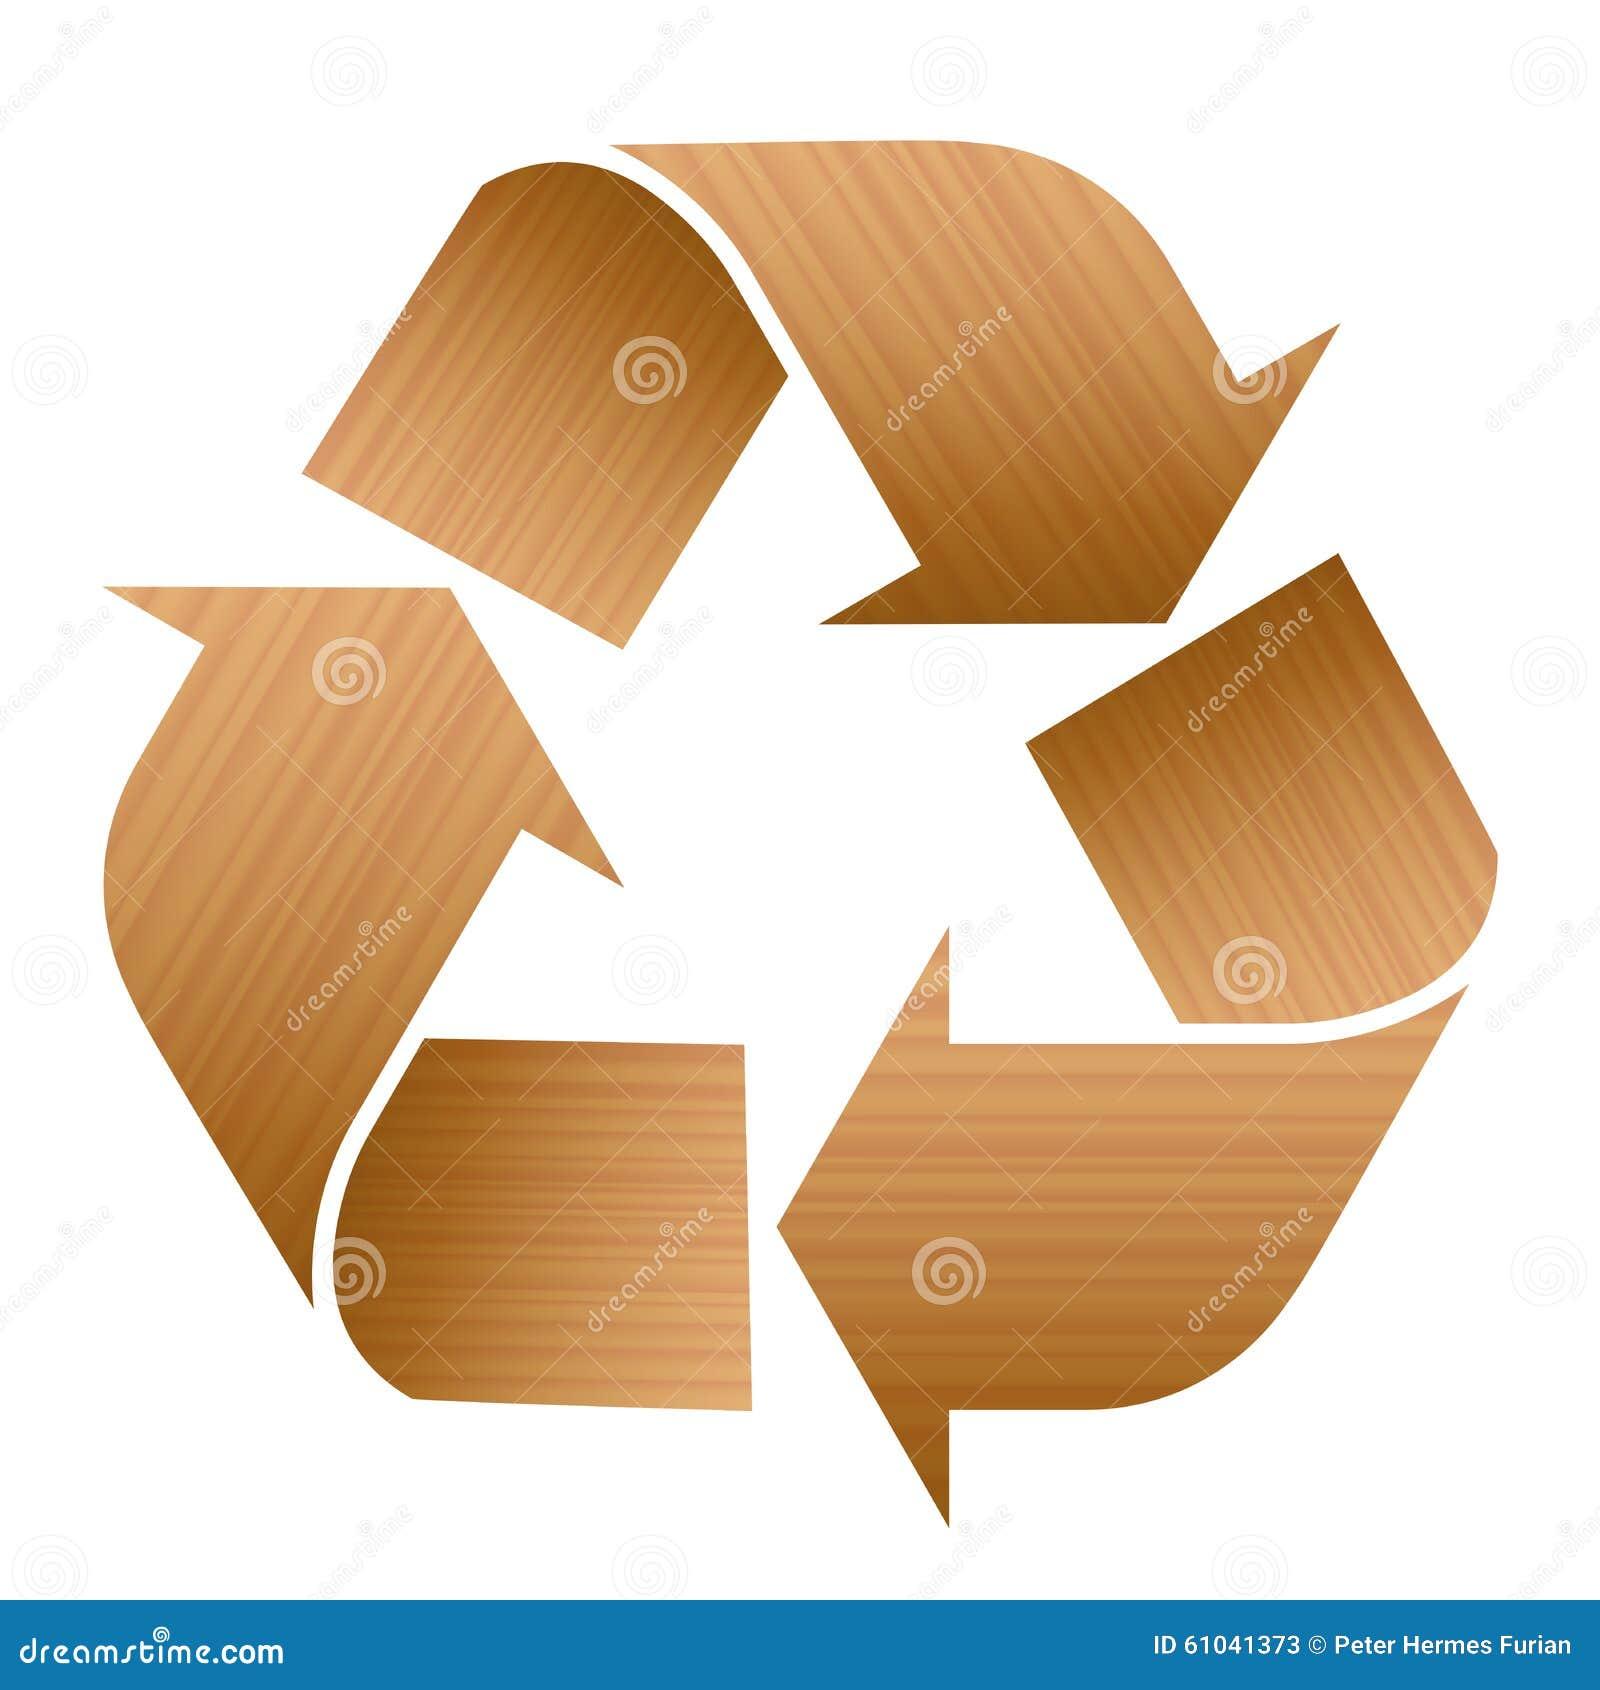 Reciclaje de la textura de madera del s mbolo ilustraci n for Imagenes de reciclaje de madera